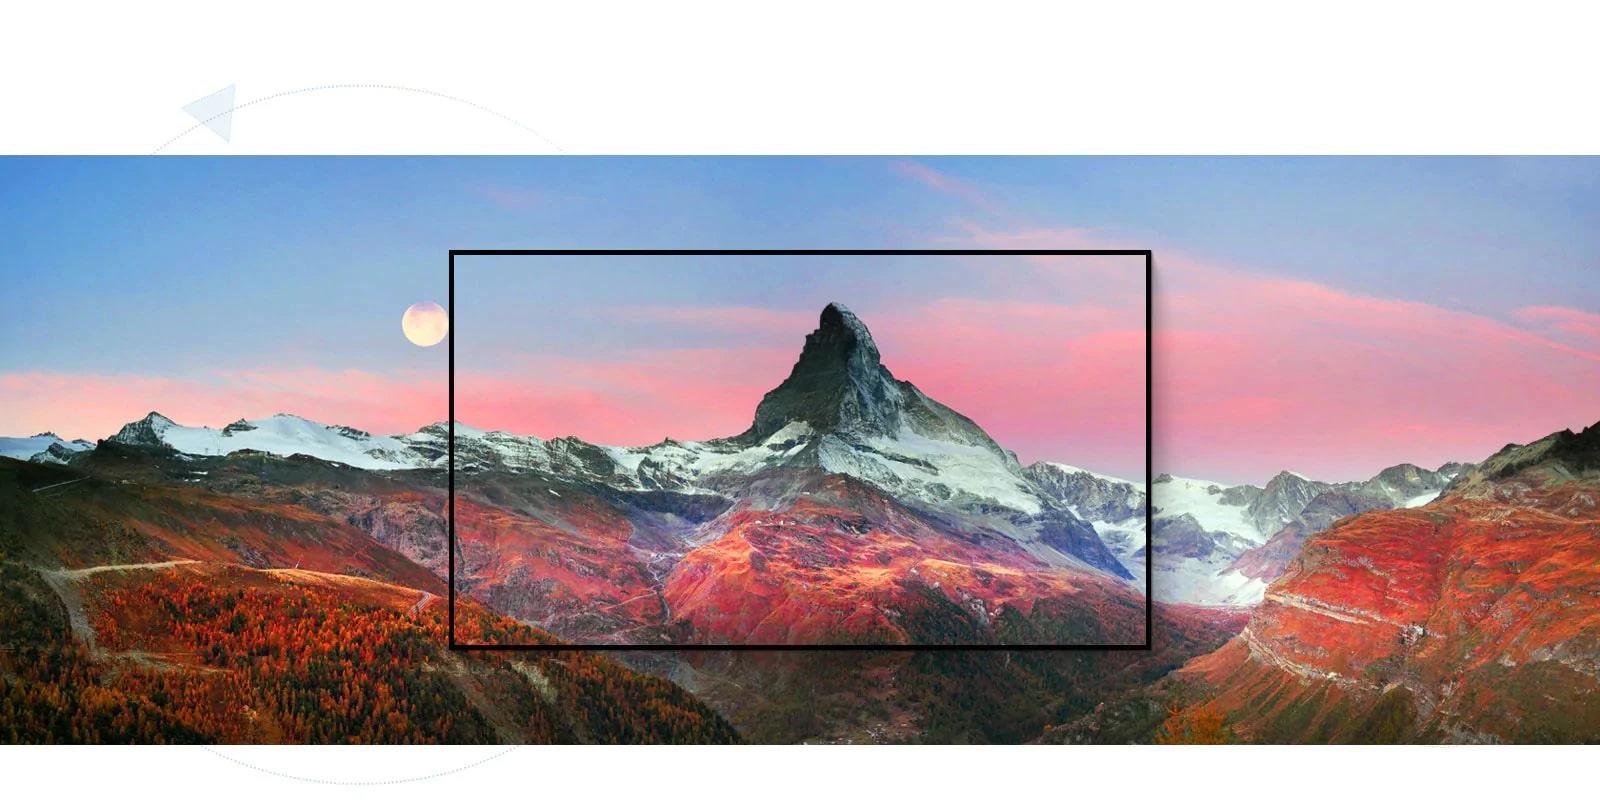 صورة توثق مشهداً لأحد الجبال الرائعة (تشغيل الفيديو)